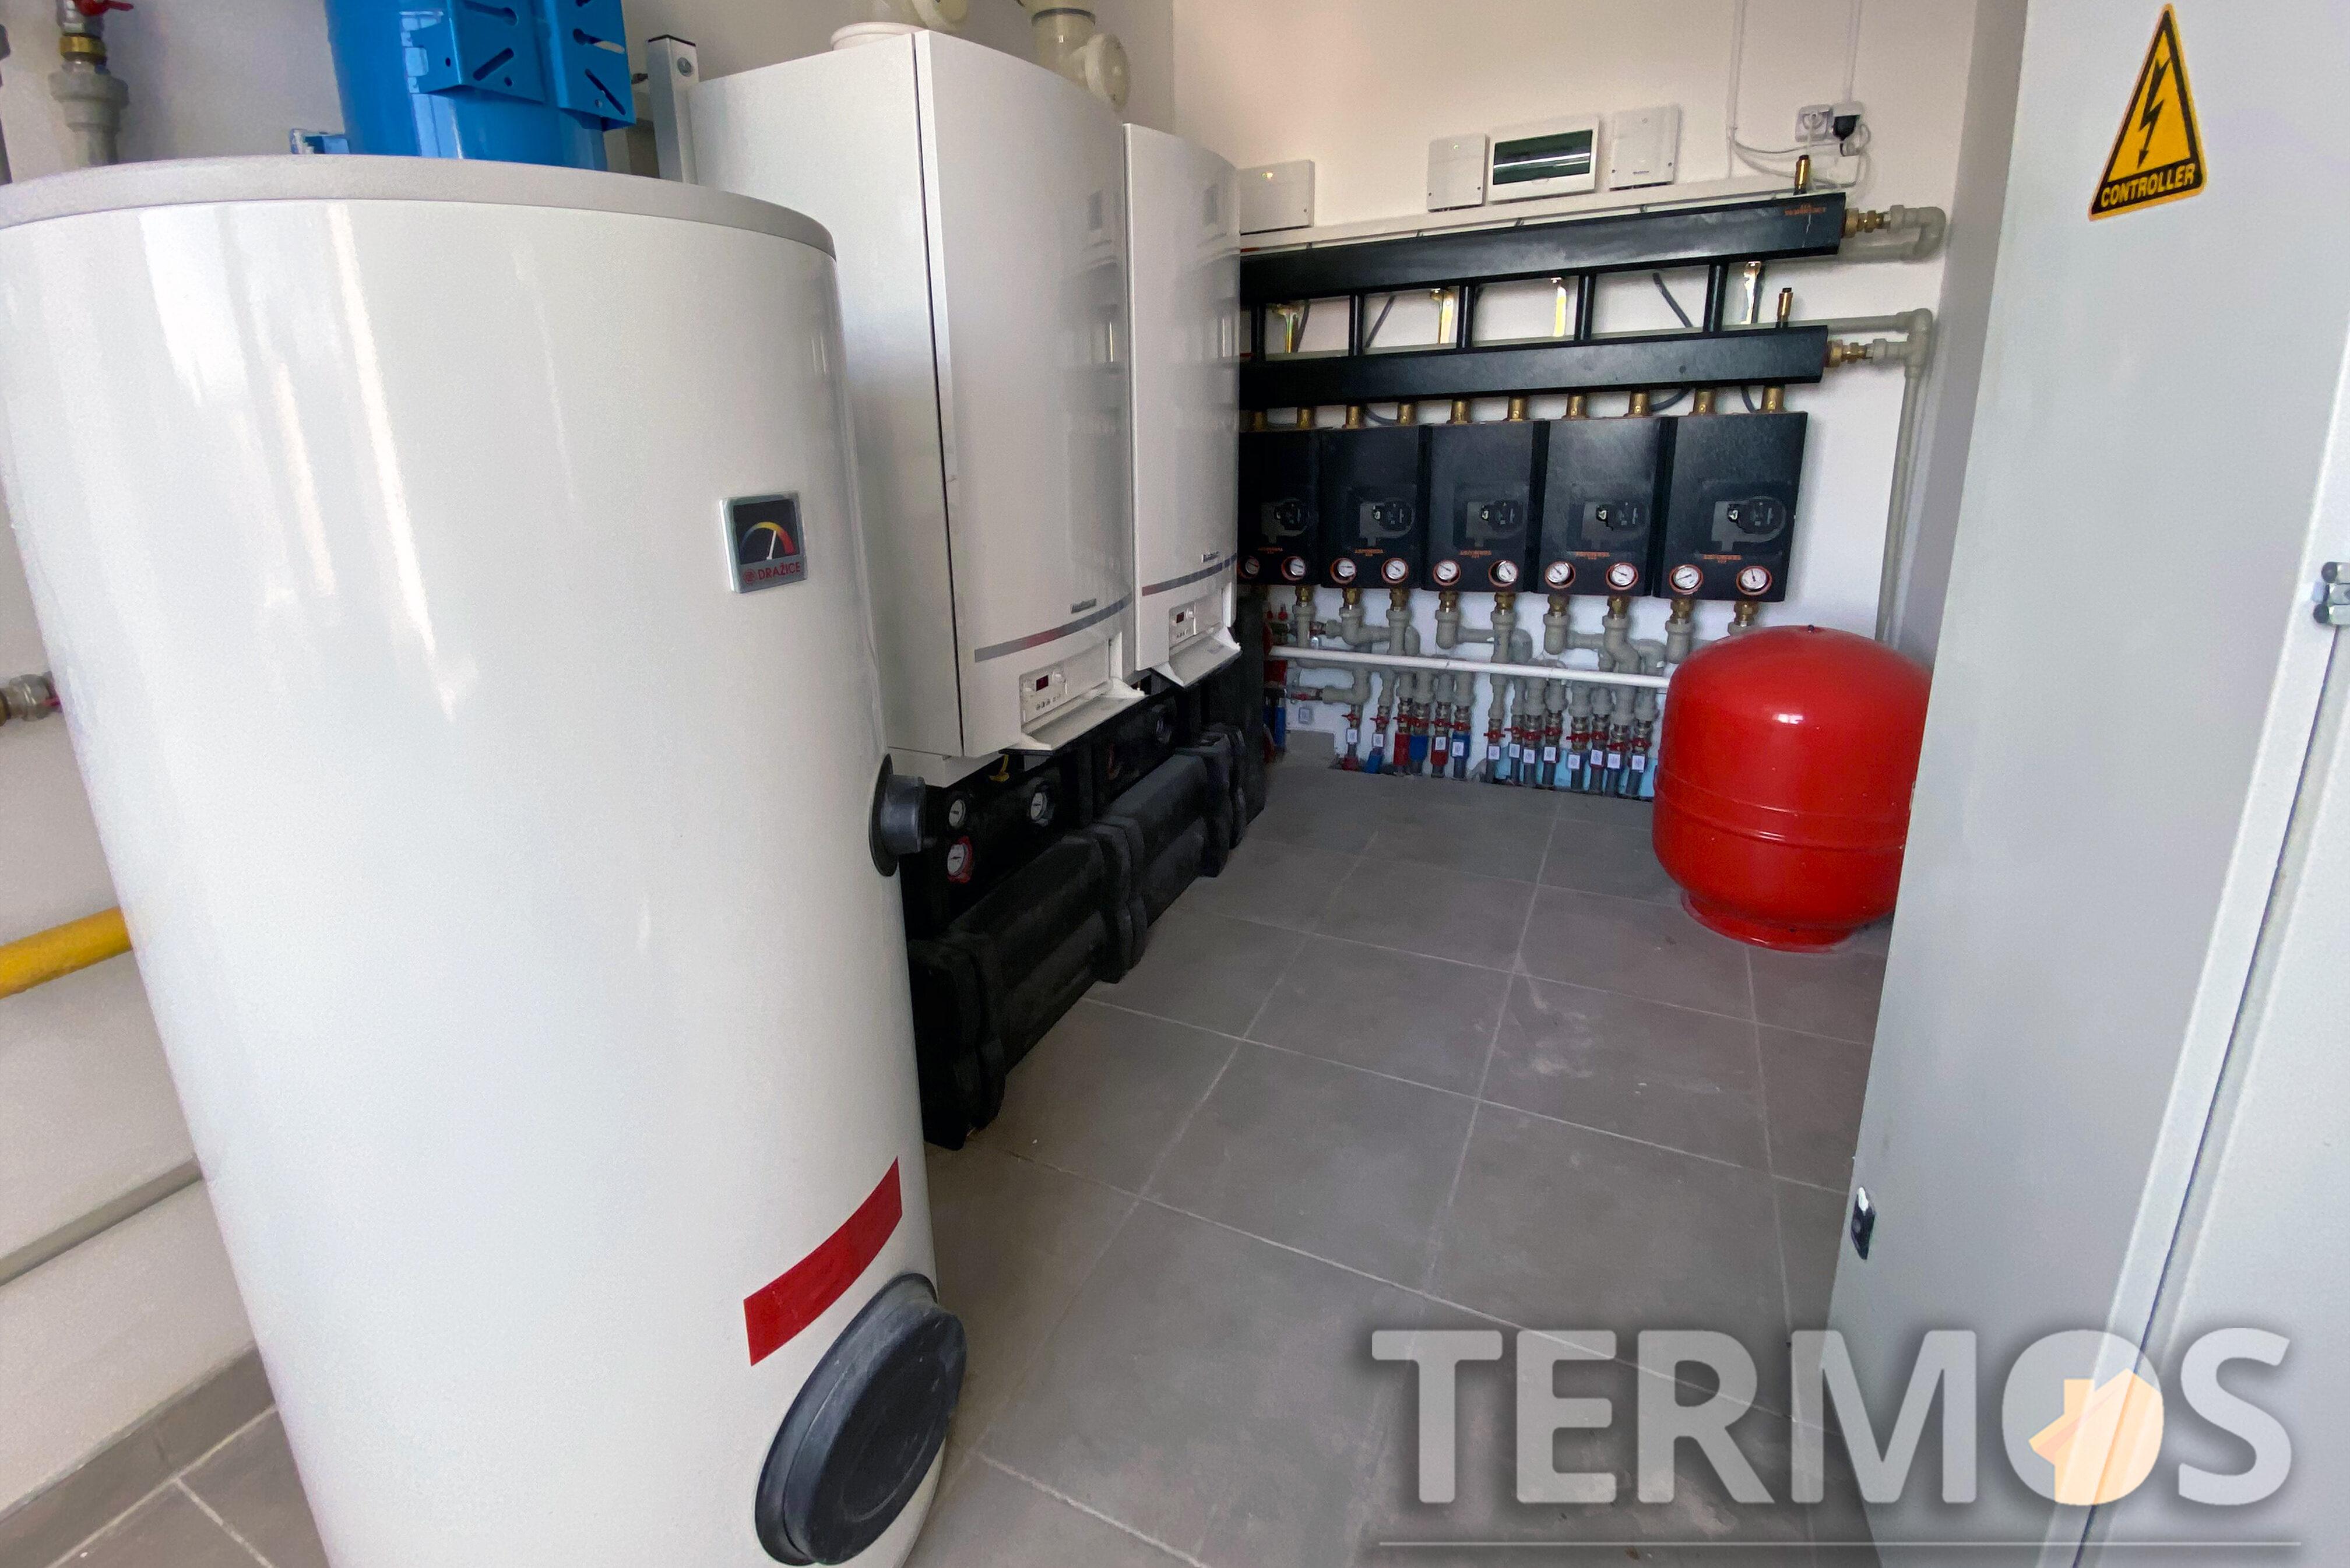 Офисный центр. Система отопления на каскаде из двух конденсационных газовых котлов Vaillant (Германия) по 96 кВт с бойлером косвенного нагрева 400 л